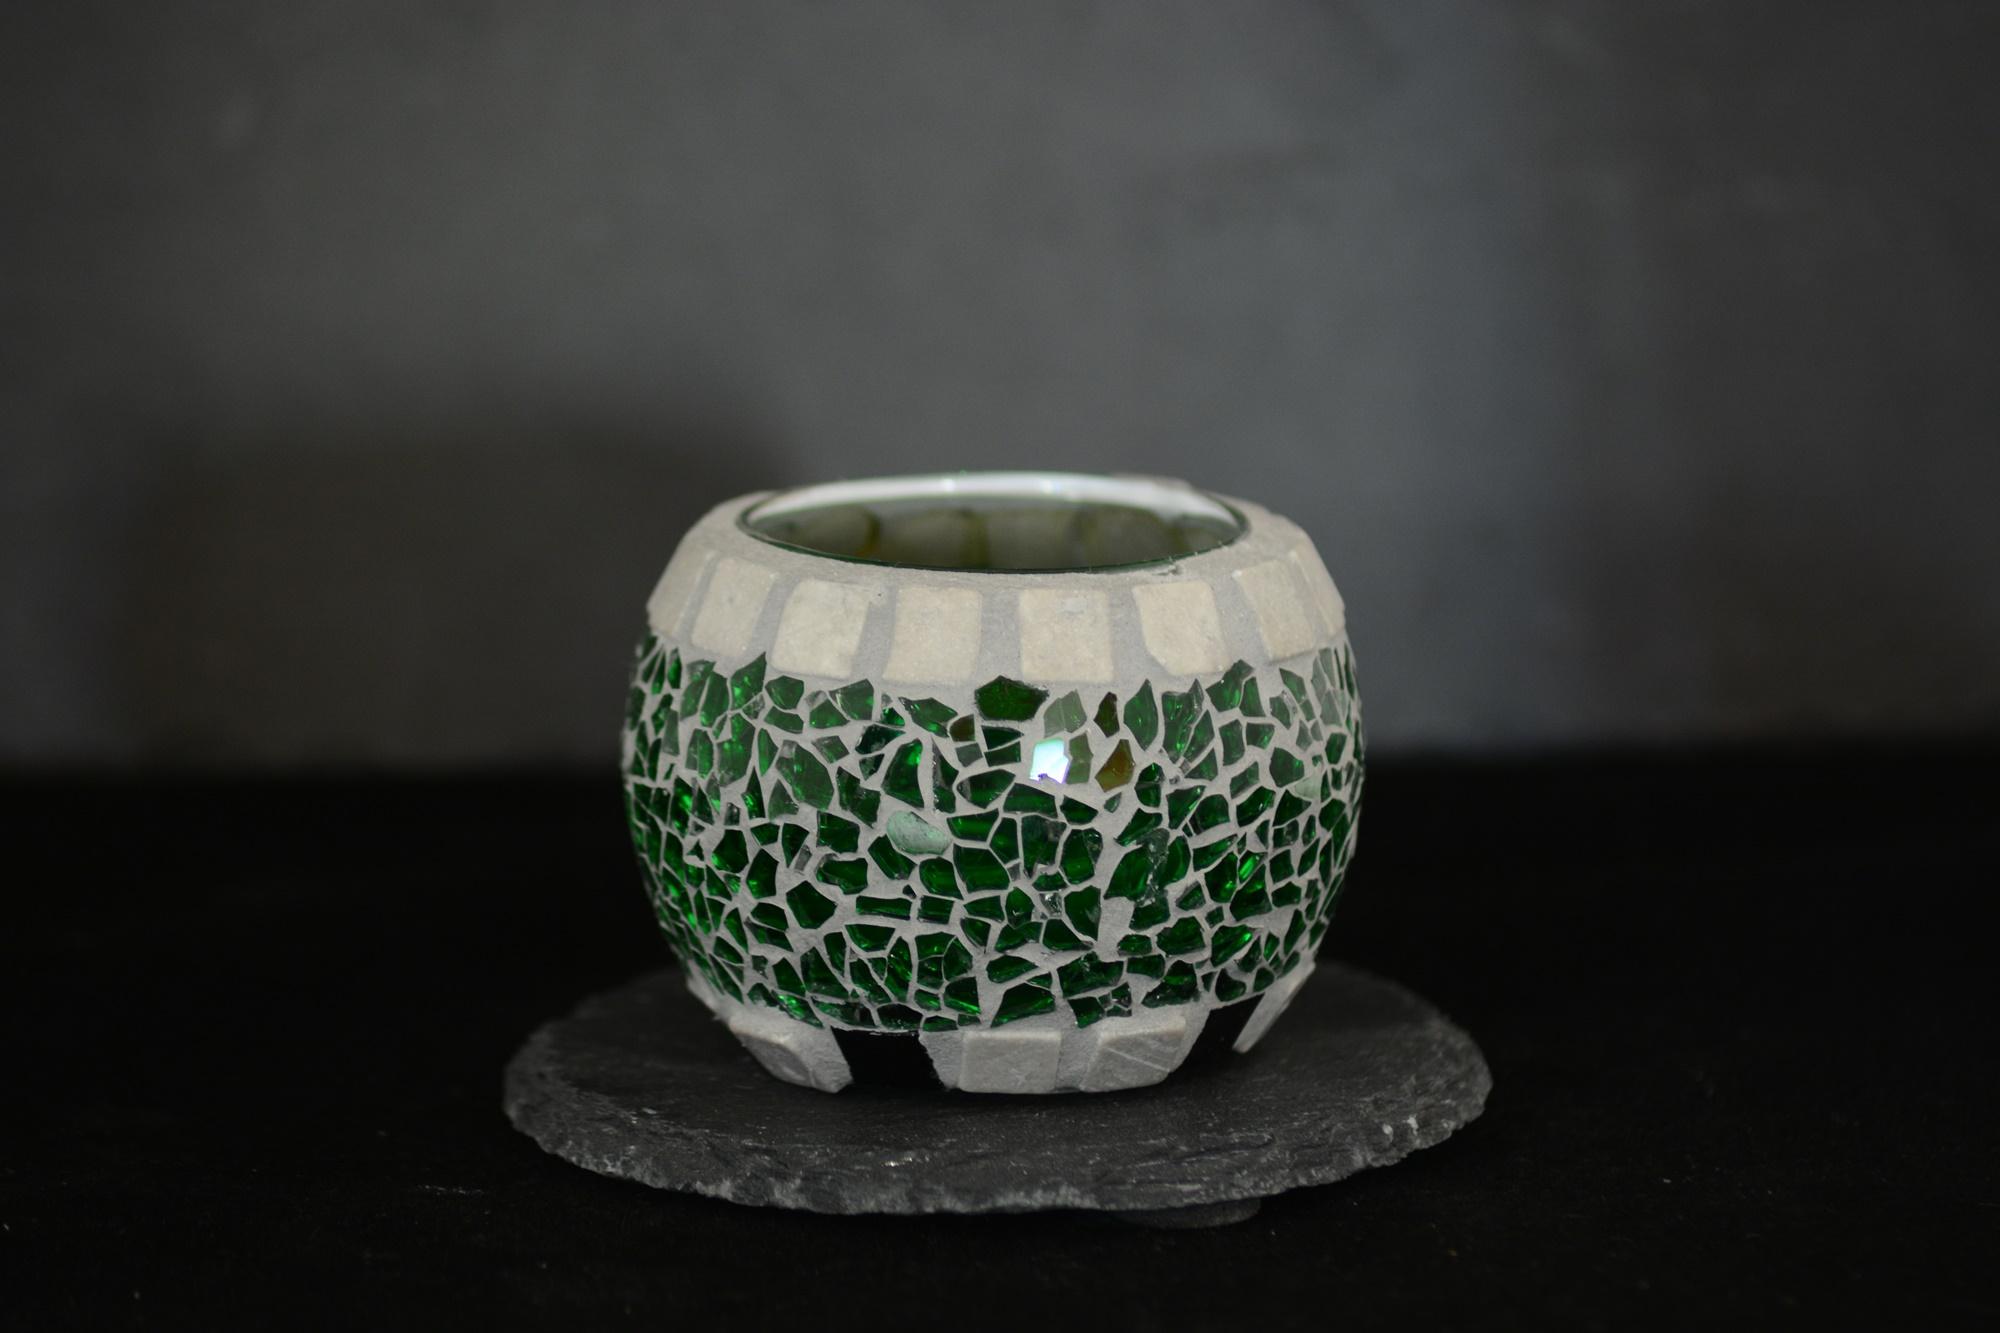 Mosaik Teelichtglas rund mini grün/grau